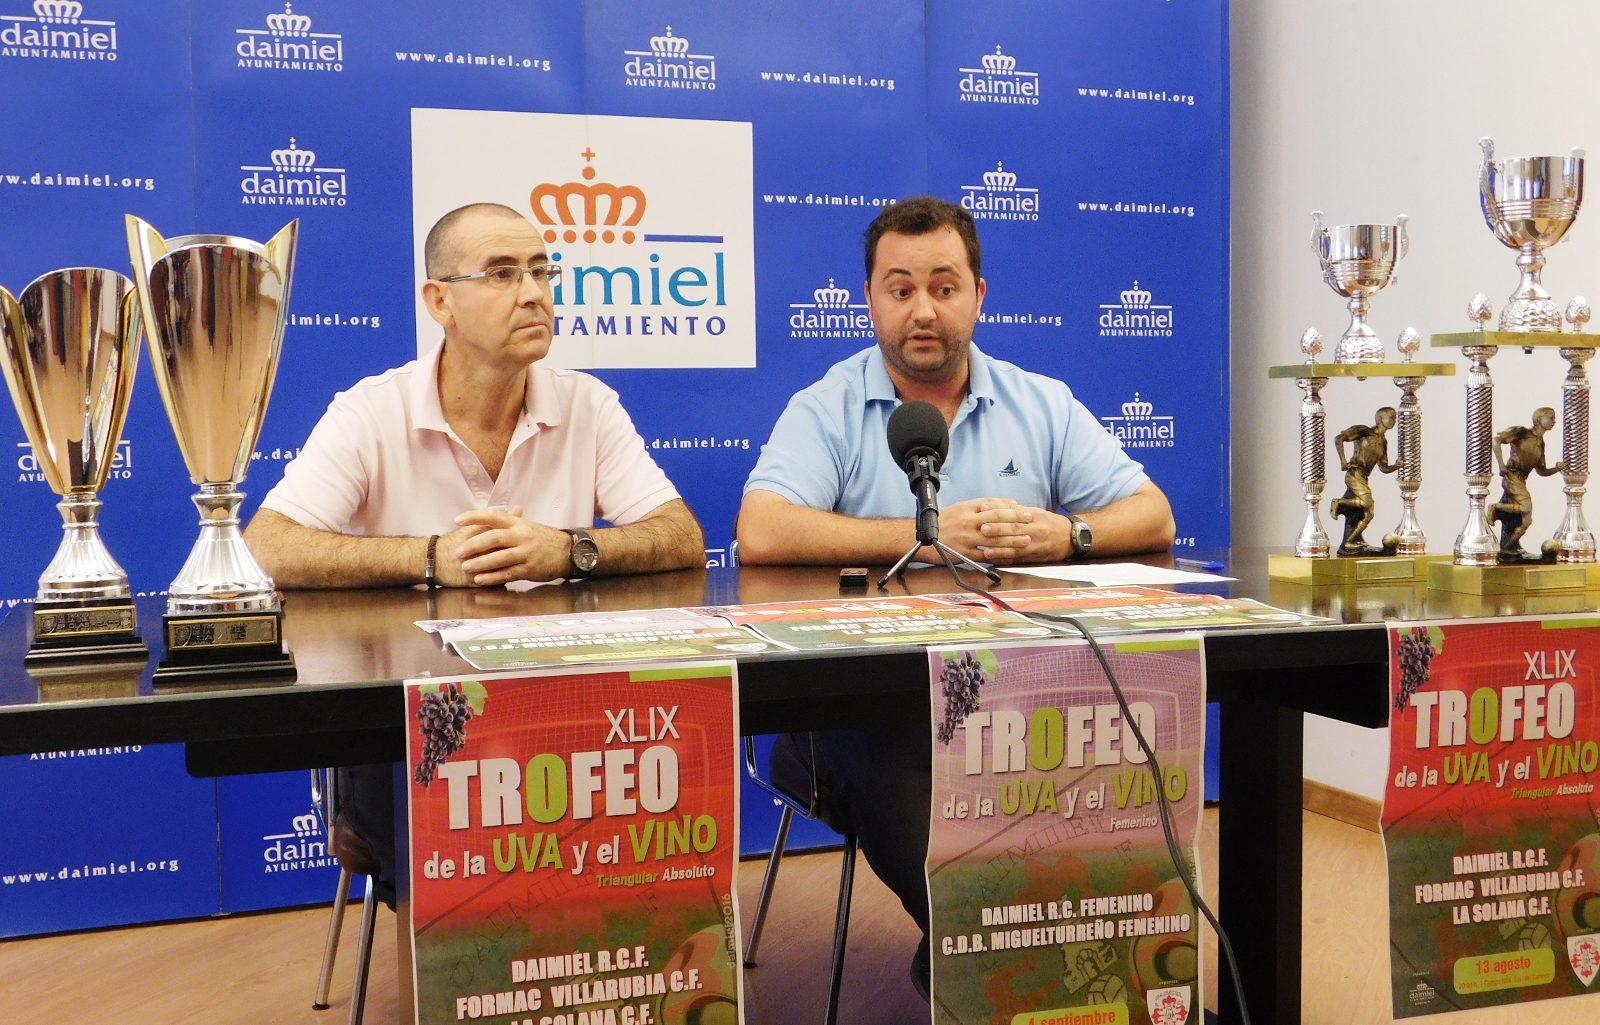 El trofeo de 'La Uva y el Vino' enfrentará al Daimiel RCF con La Solana CF y el Formac Villarrubia